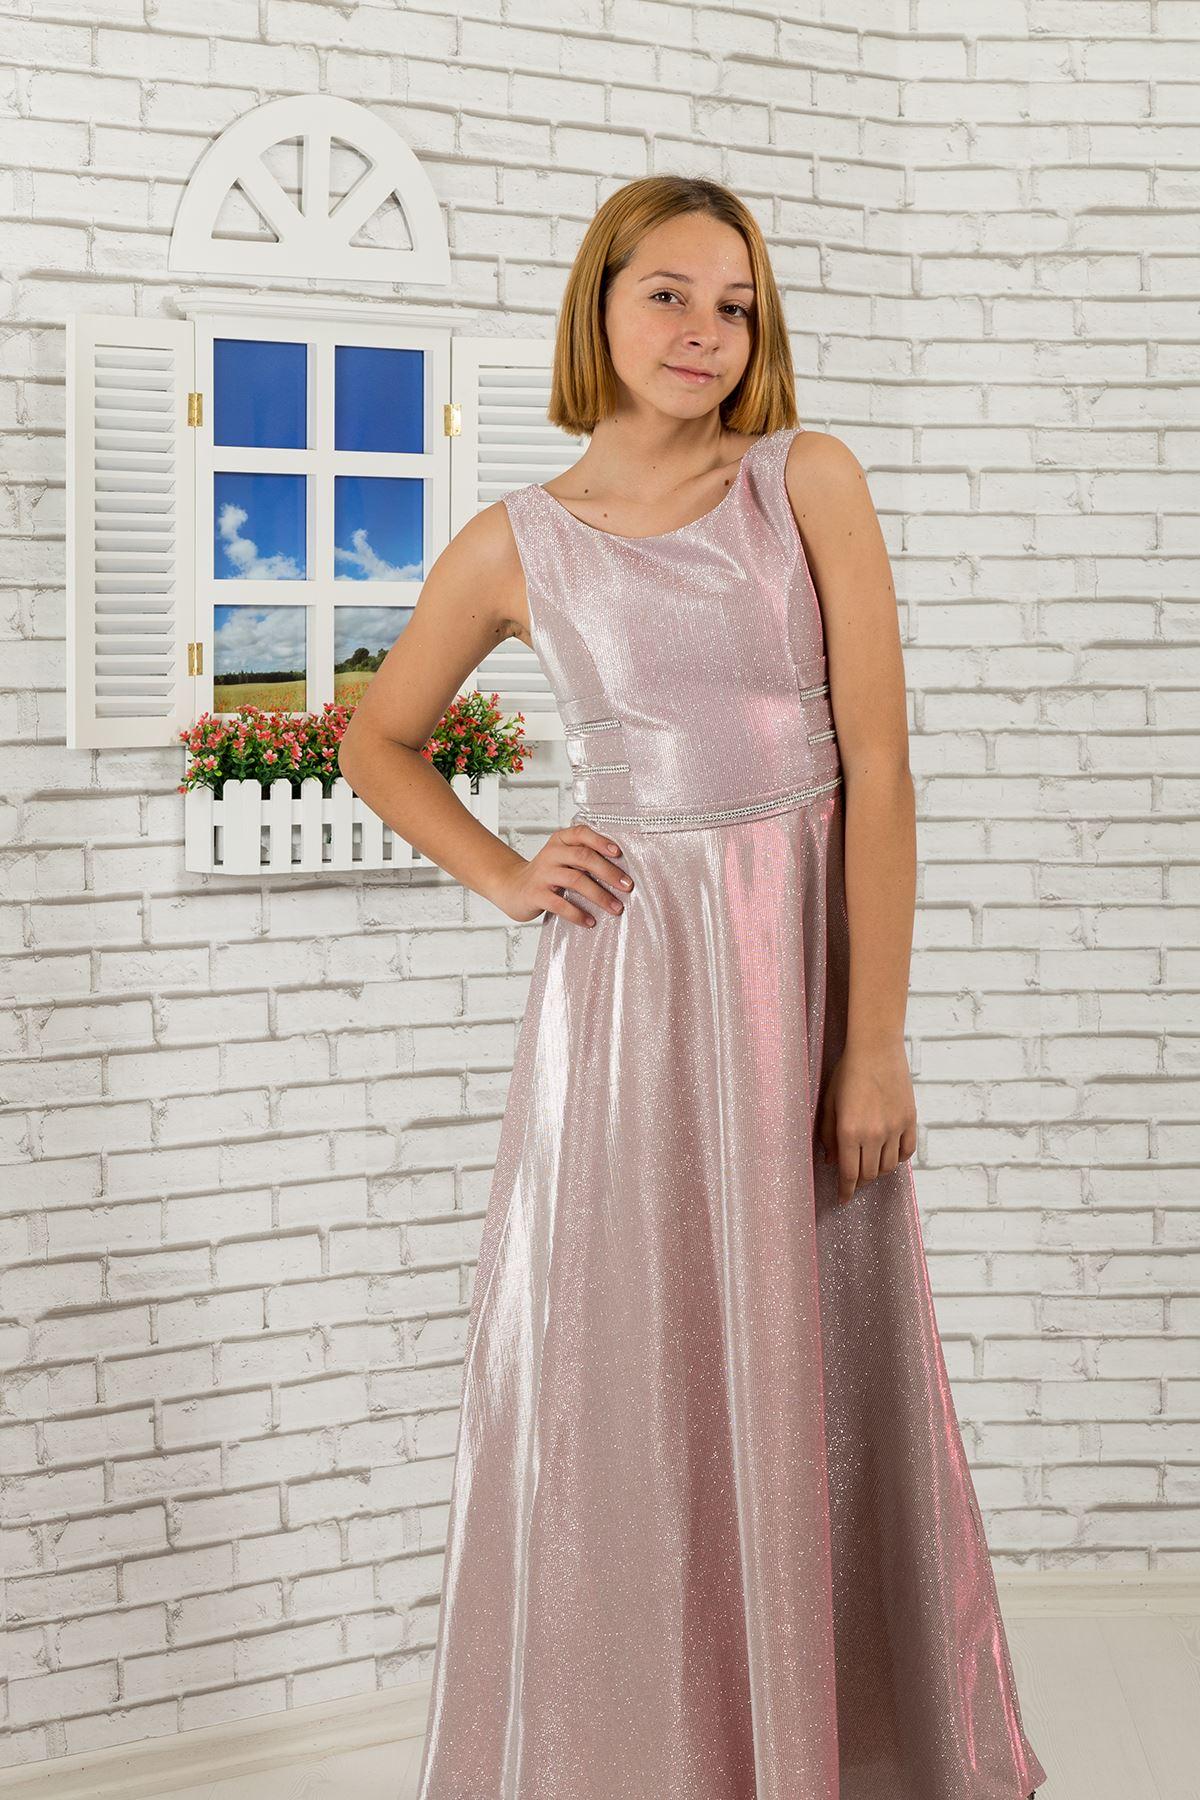 Taille detaillierte, silbrig Stoff Mädchen Kinder Abendkleid 479 Pulver